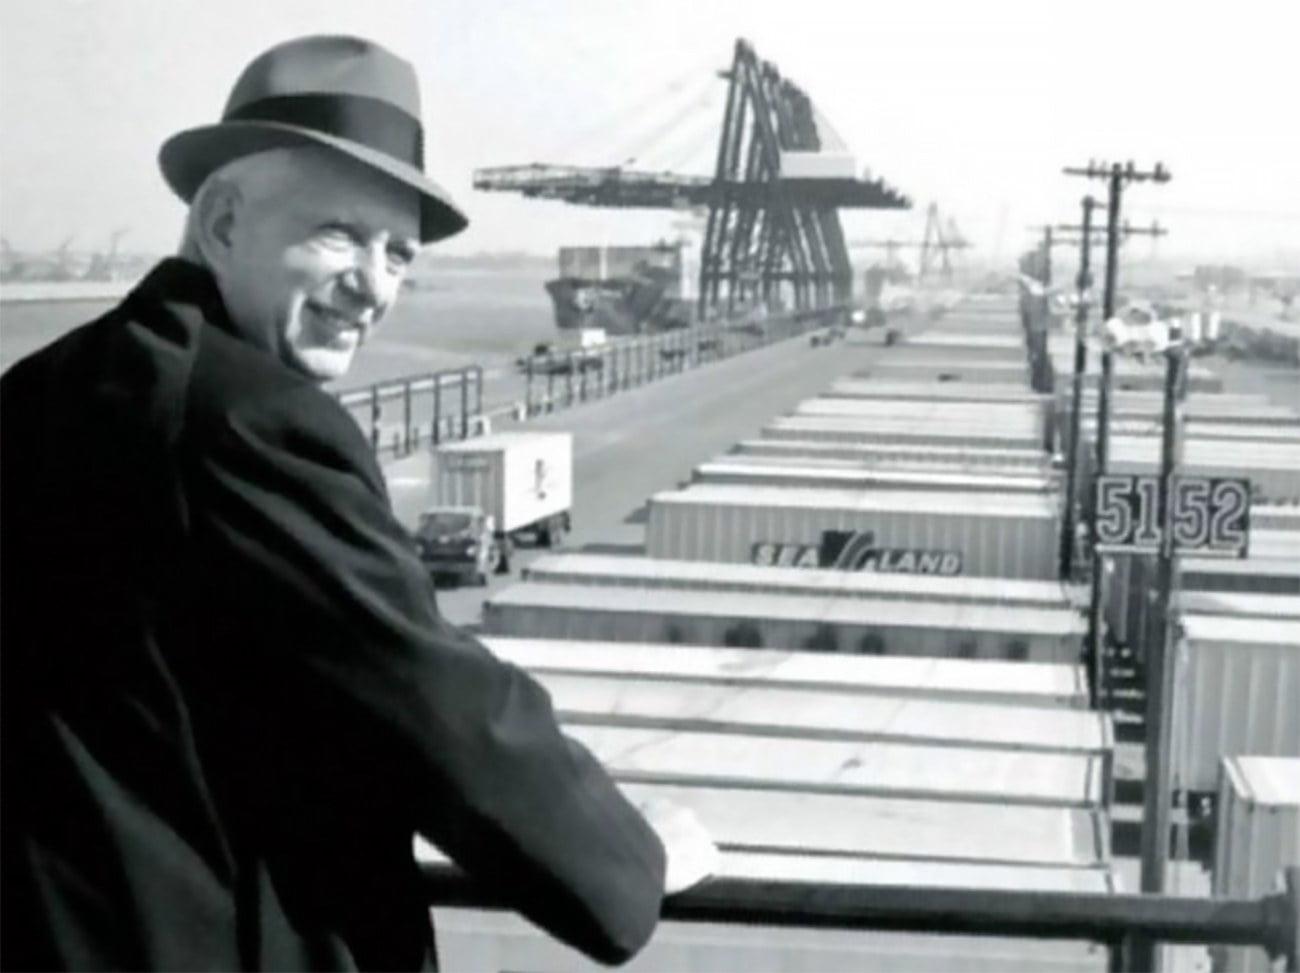 Imagem de Malcom McLean tido como inventor dos Navios porta-contêineres